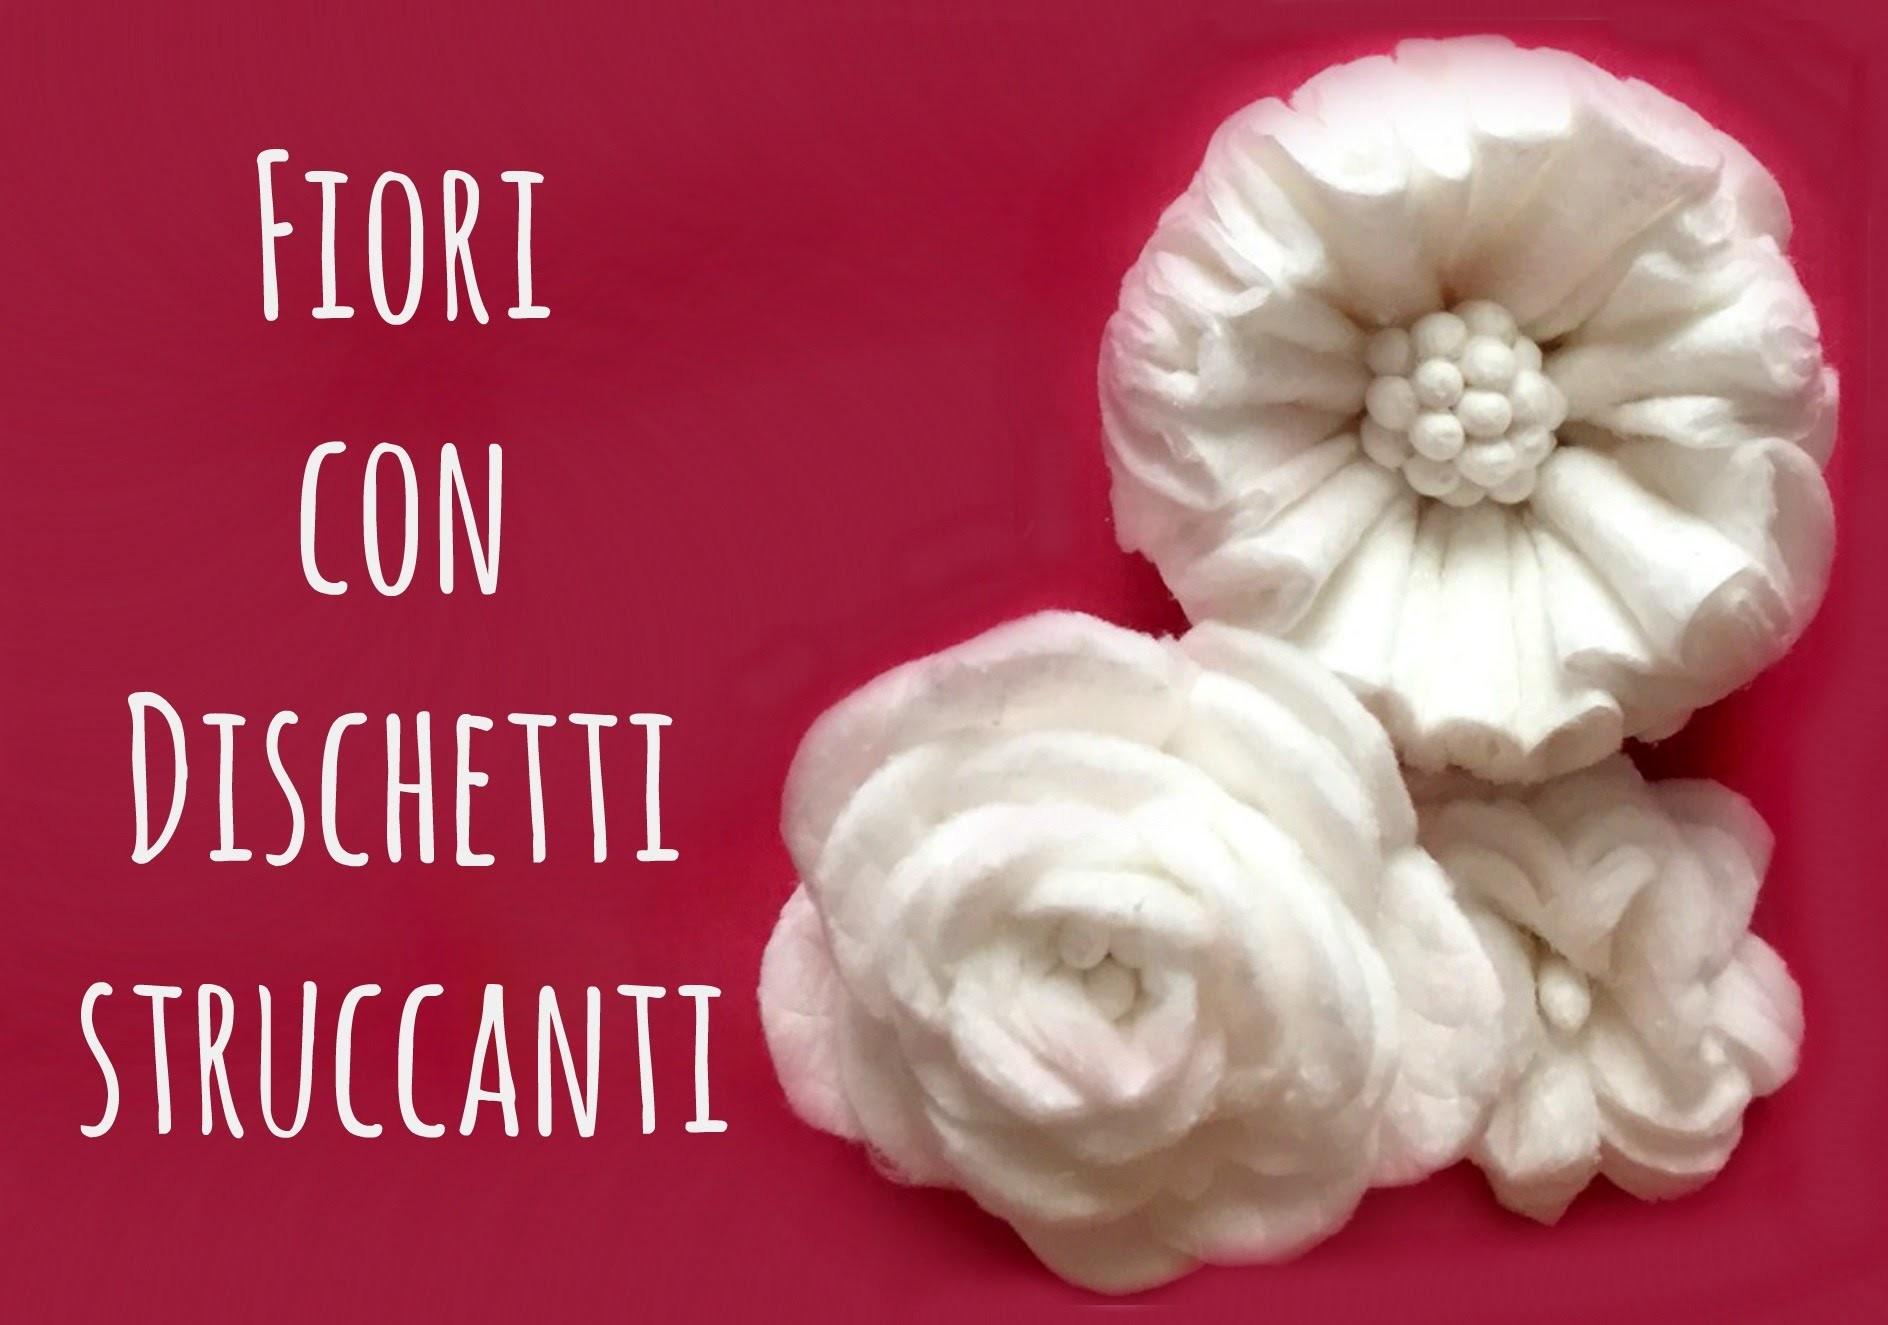 How to Fiori con Dischetti Struccanti e CottonFioc( Riciclo e creatività) Arte per Te